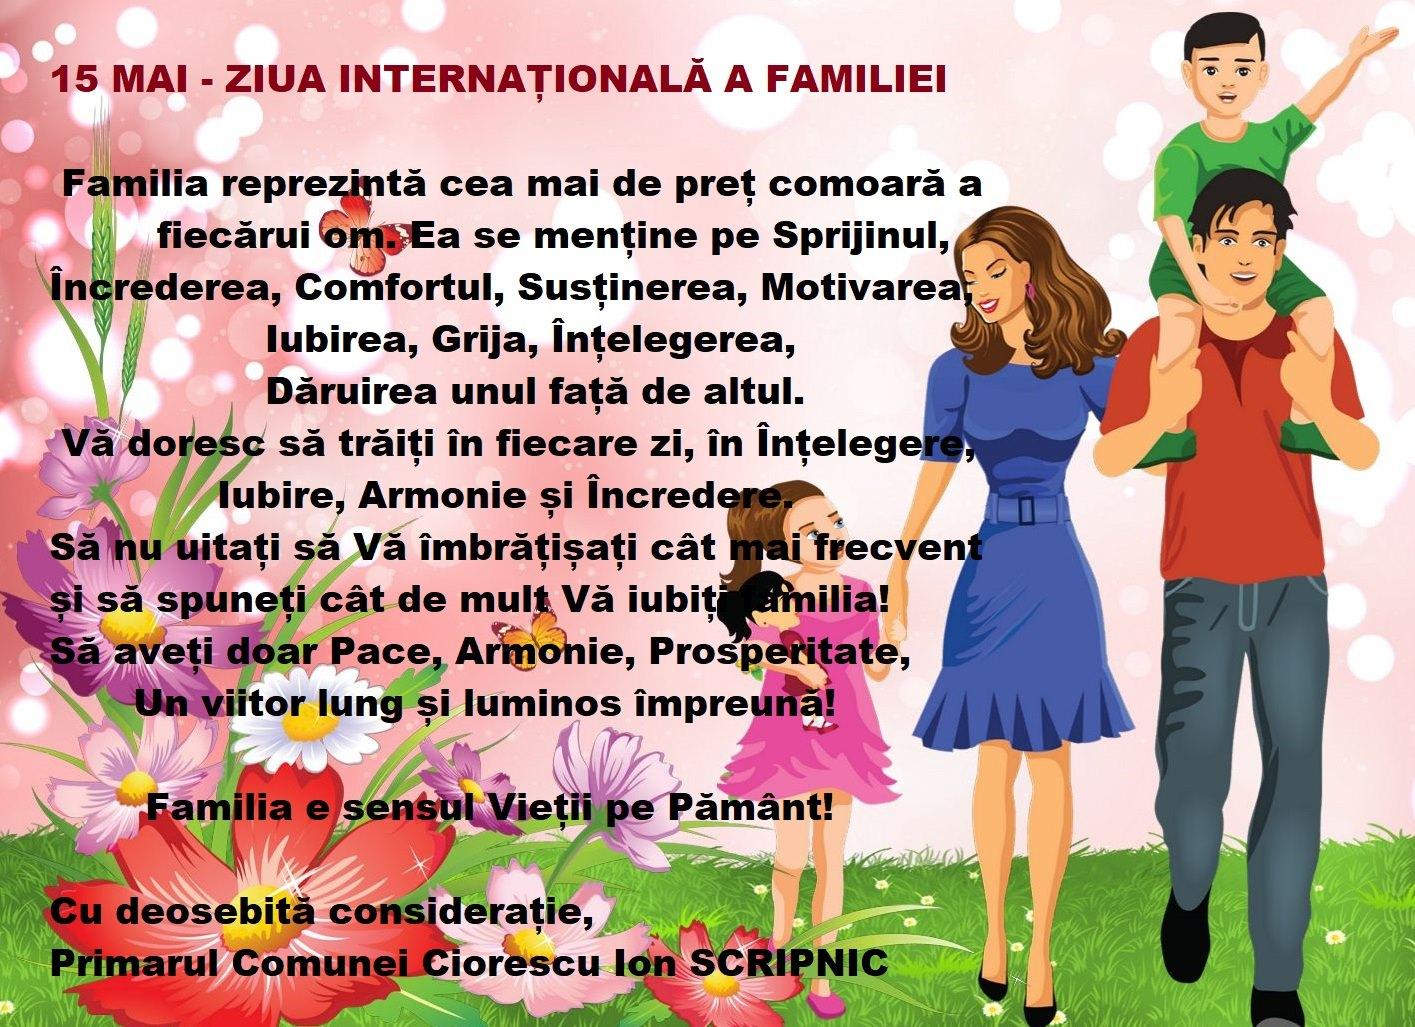 15 mai - ziua internațională a familiei